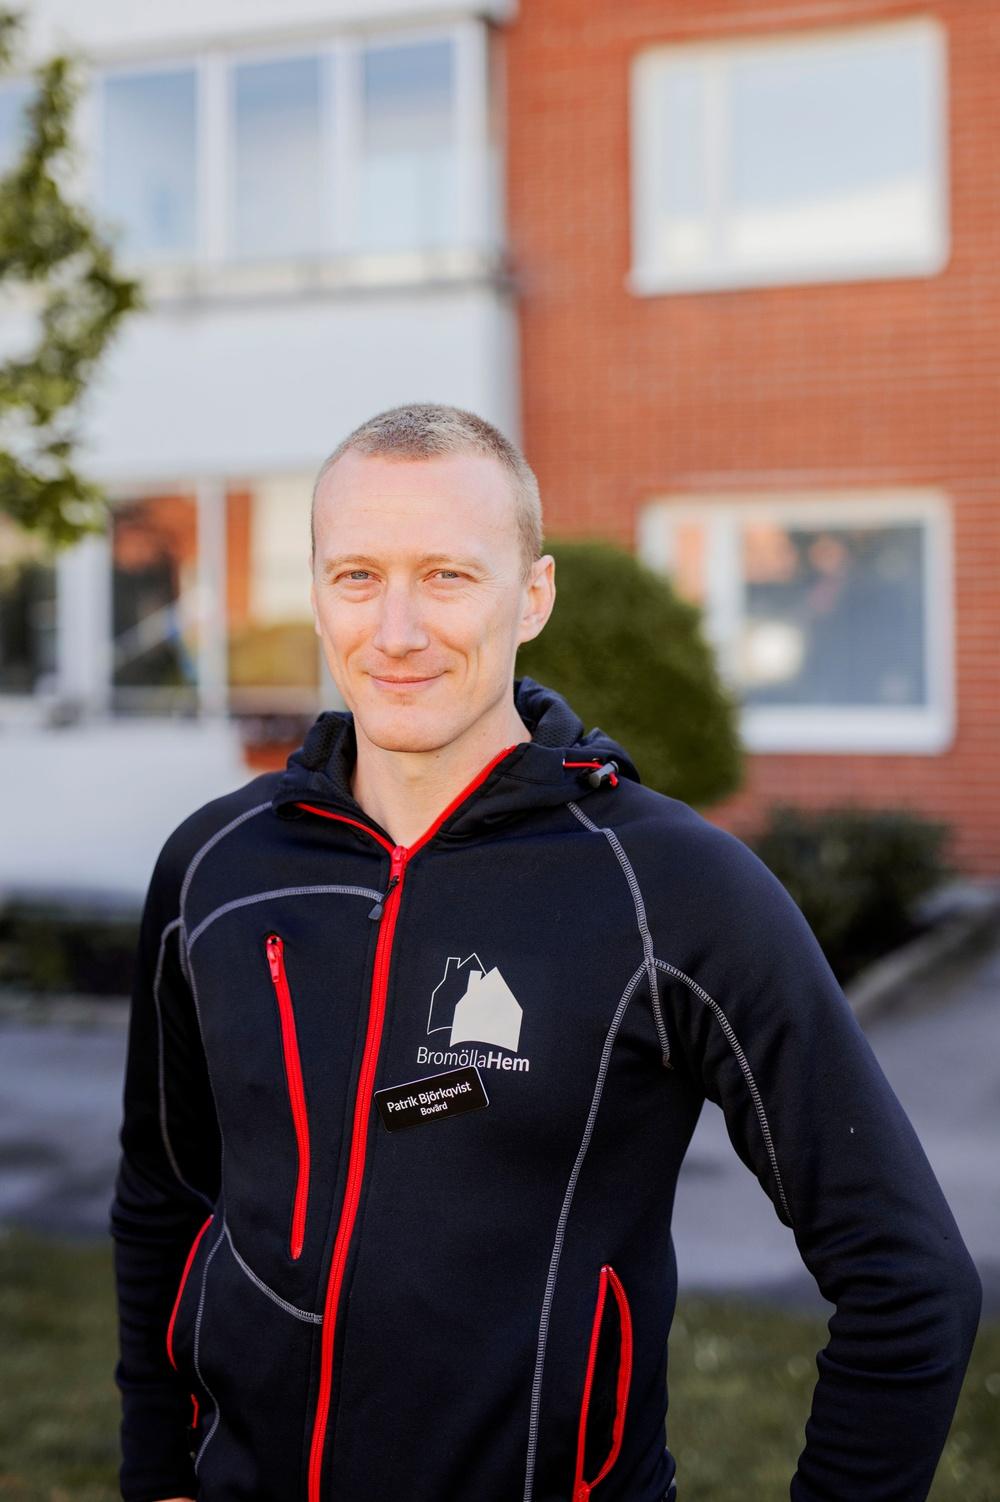 Patrik Björkqvist BromöllaHem